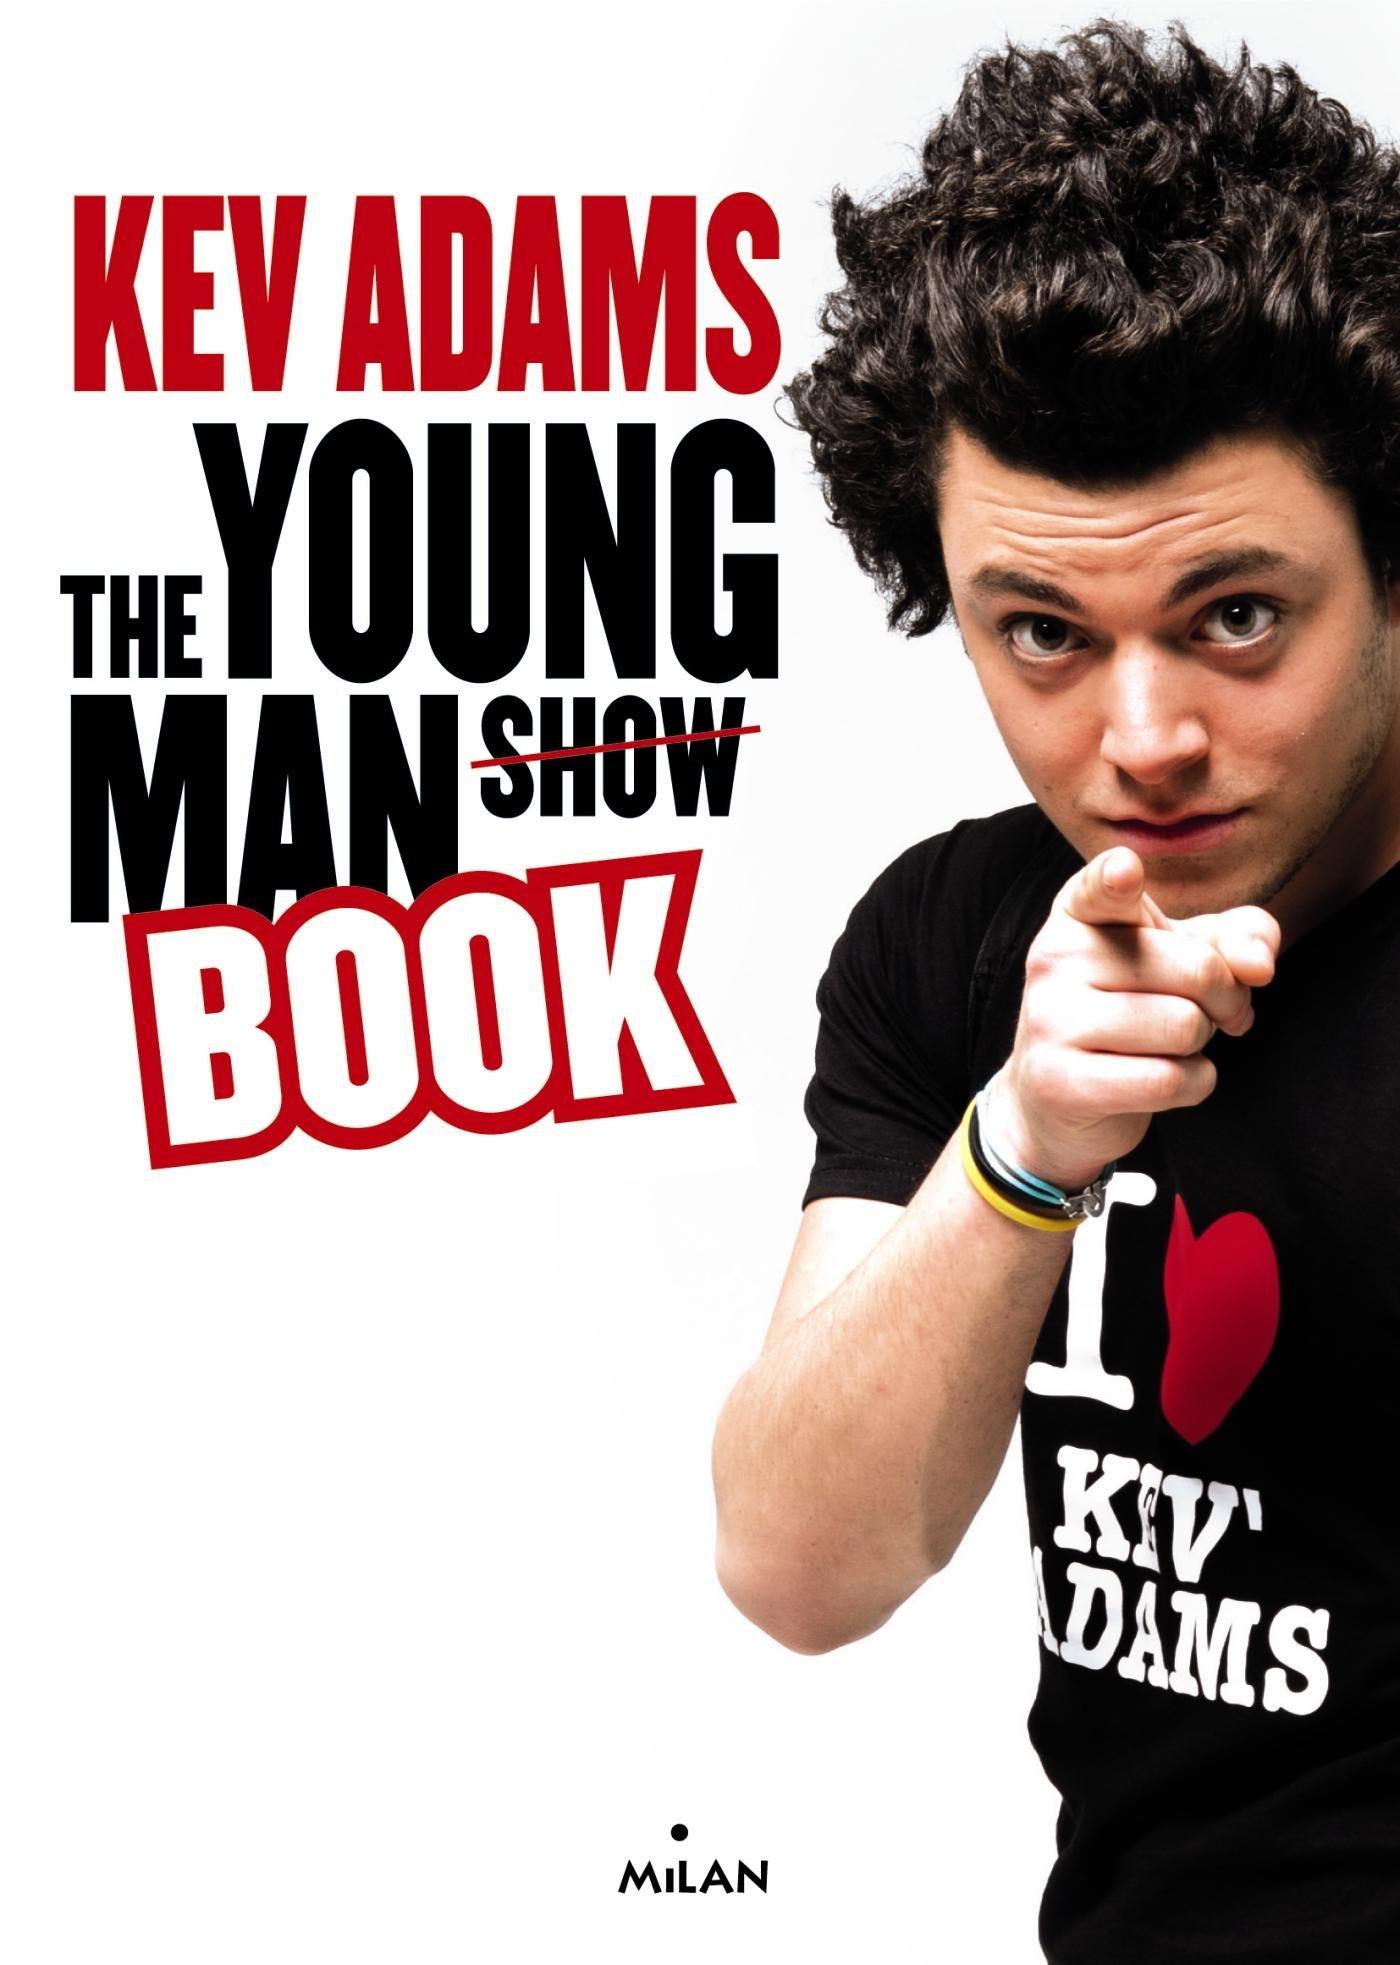 THE YOUNG MAN SHOW - LE LIVRE